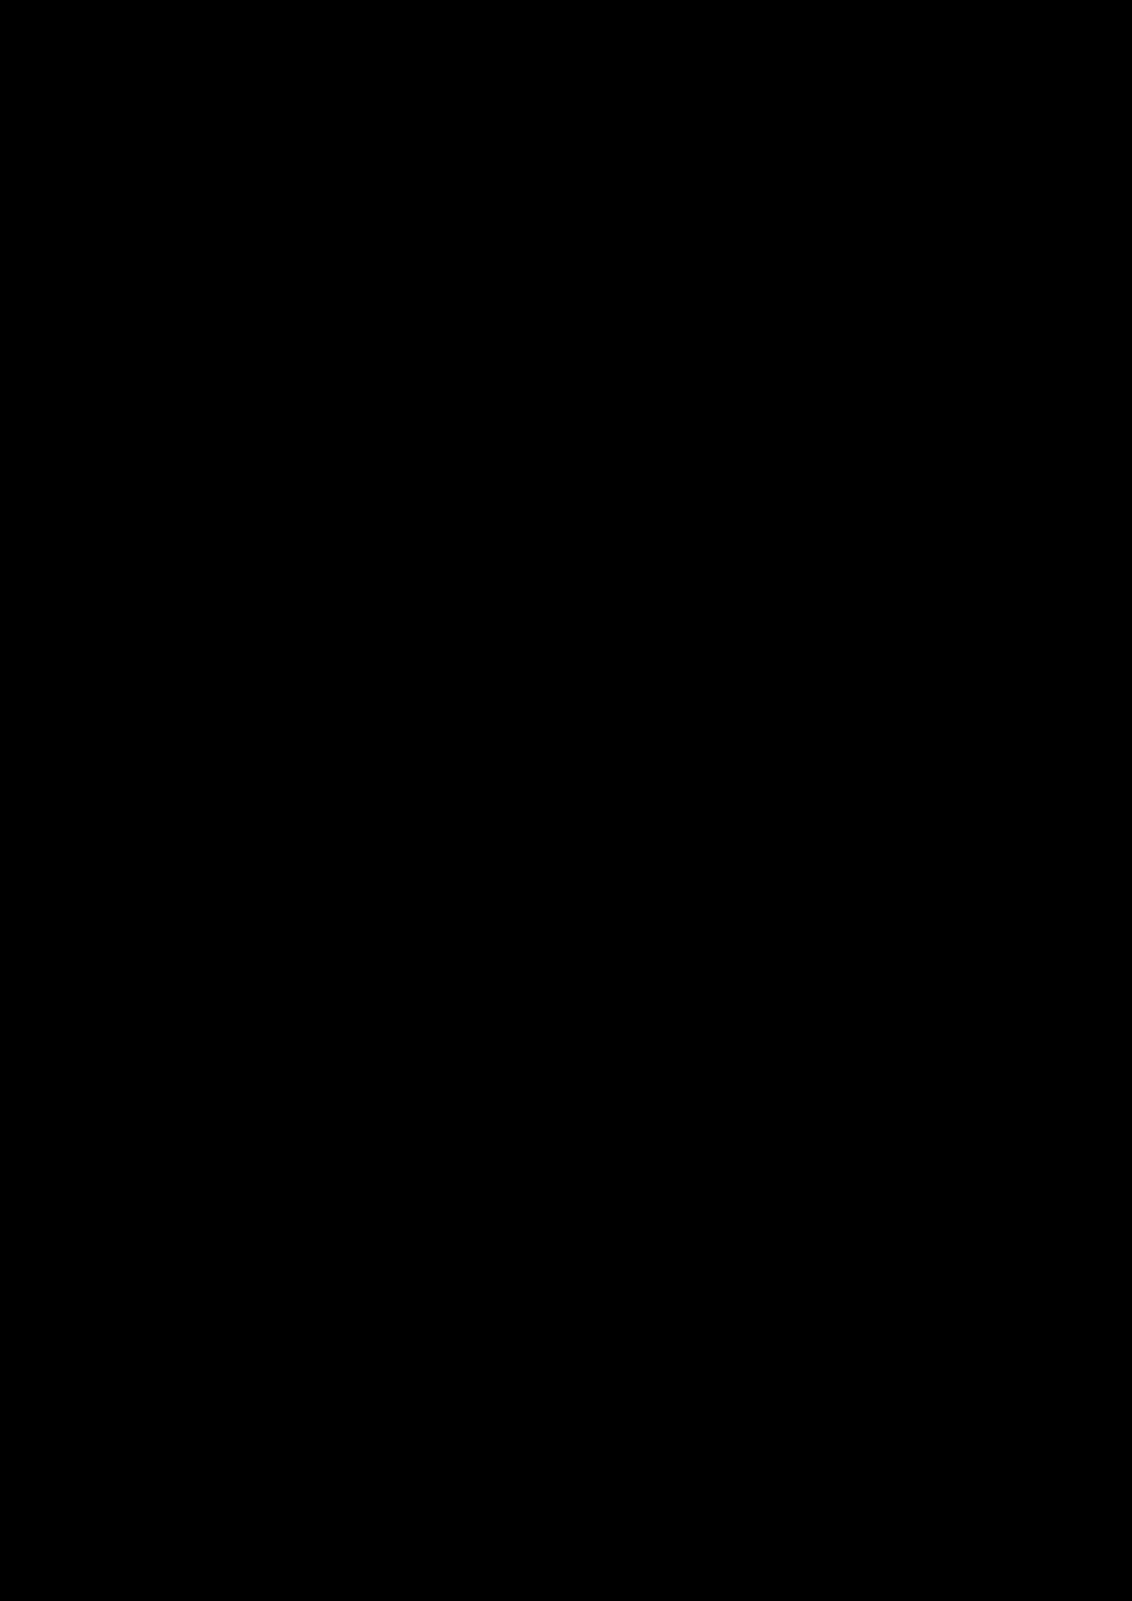 Zagadka volshebnoy stranyi slide, Image 194